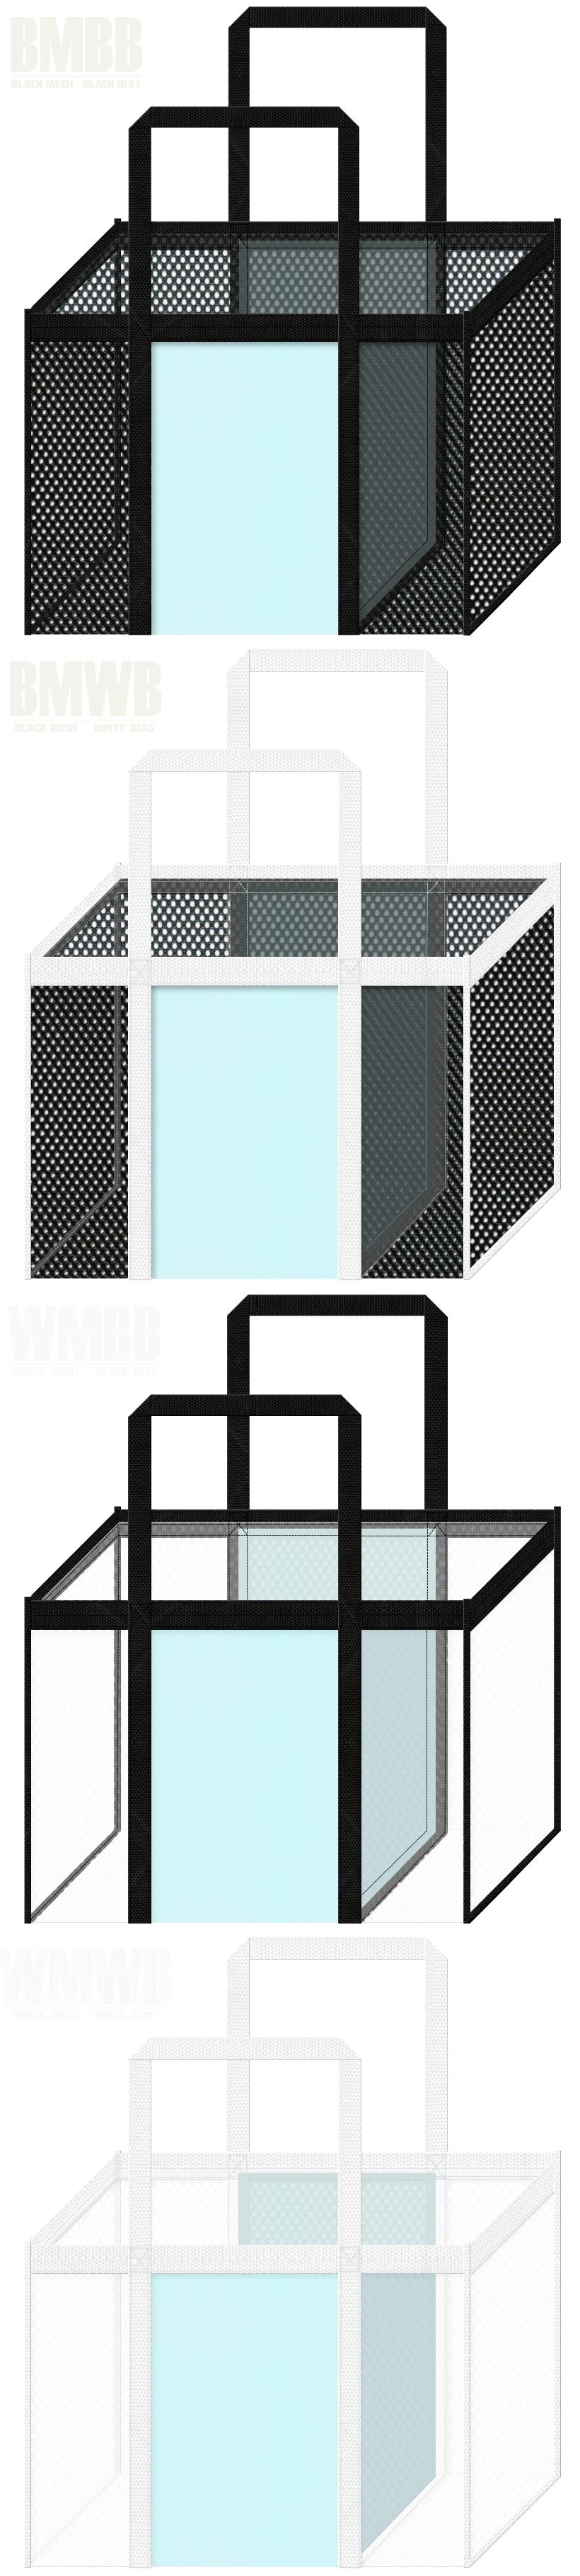 角型メッシュバッグのカラーシミュレーション:黒色・白色メッシュと水色不織布の組み合わせ